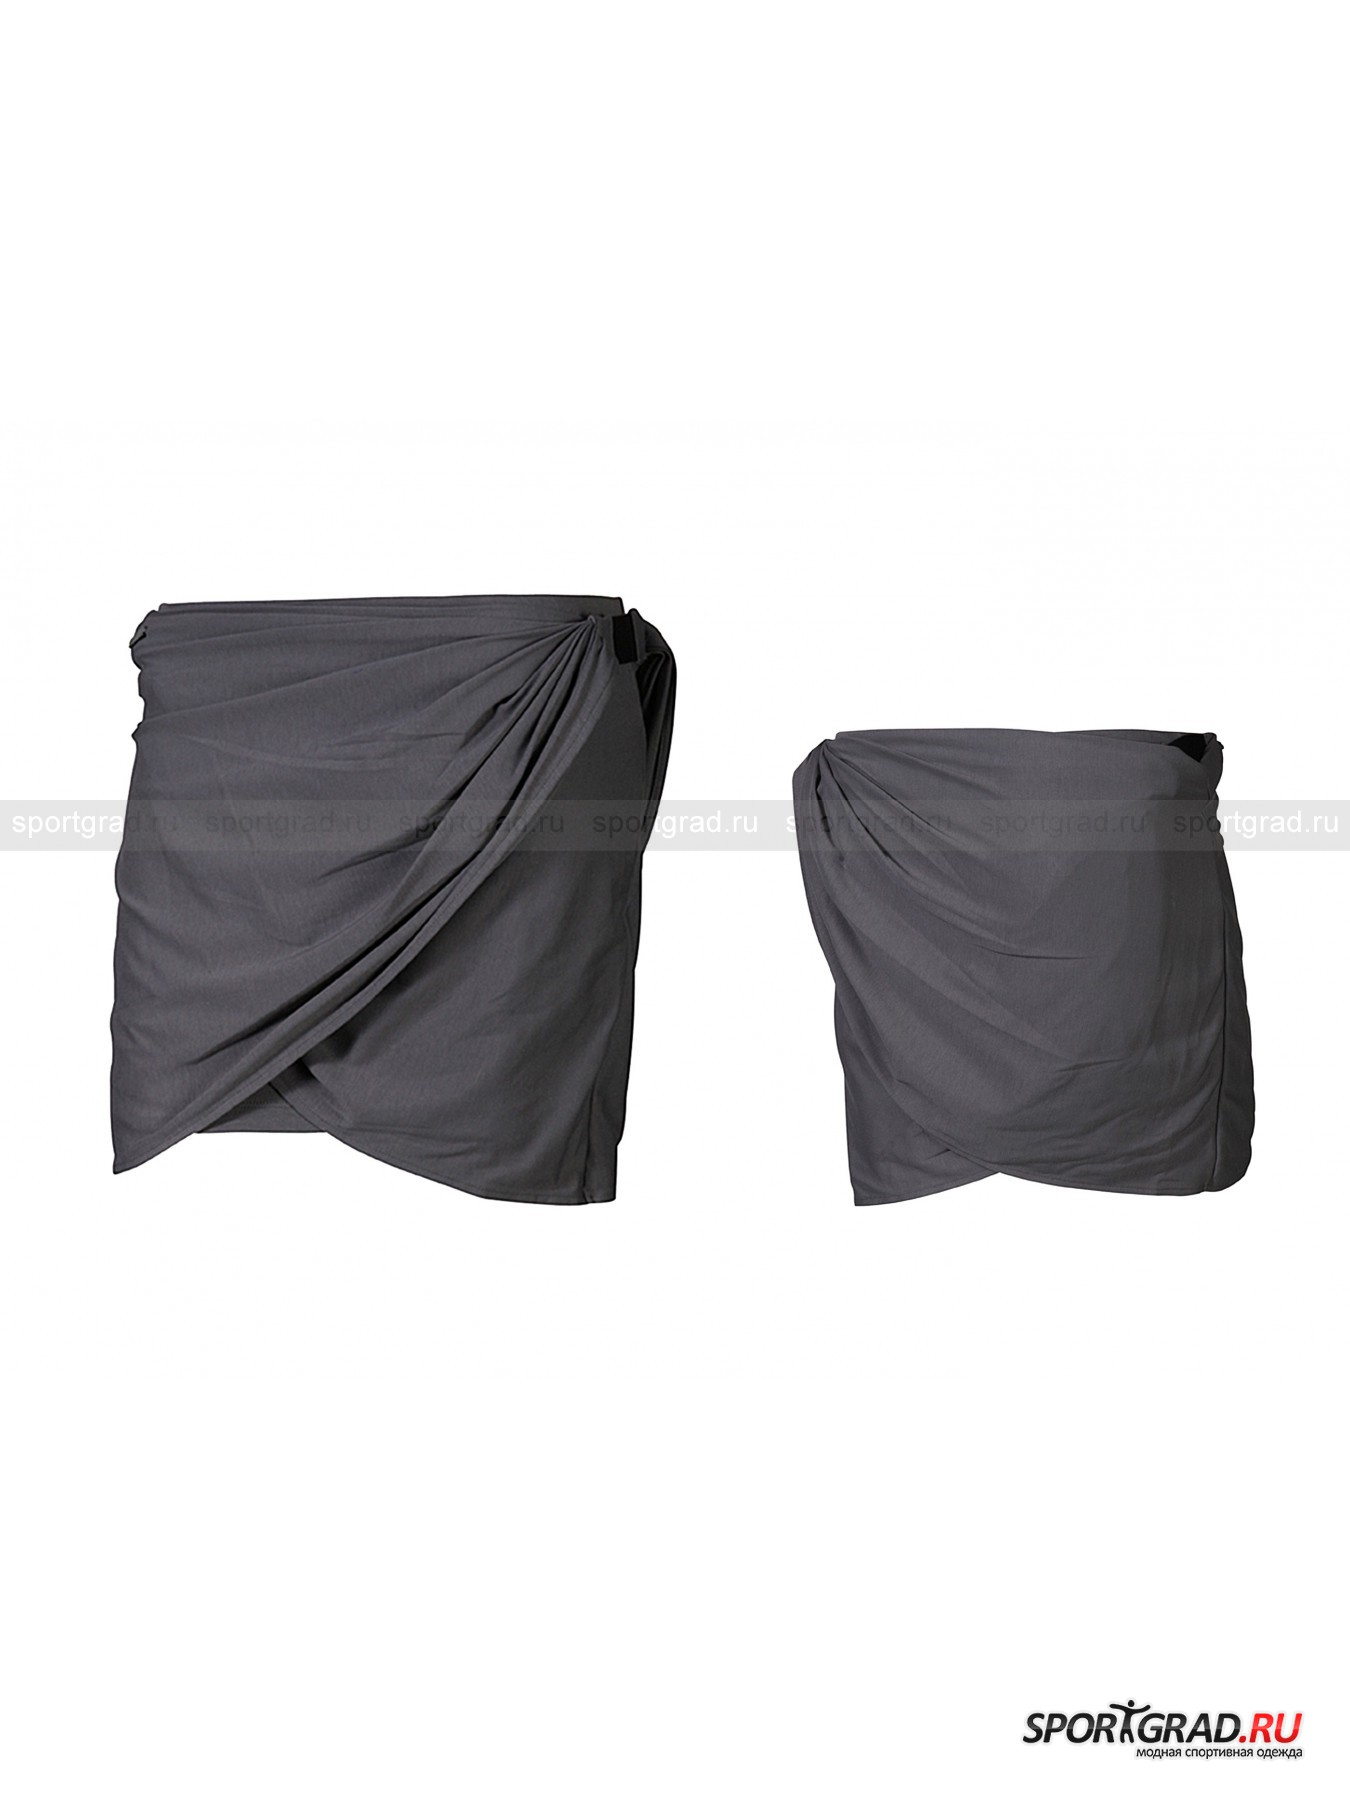 Юбка-трансформер женская хлопковая Draped skirt SLVR ADIDAS от Спортград